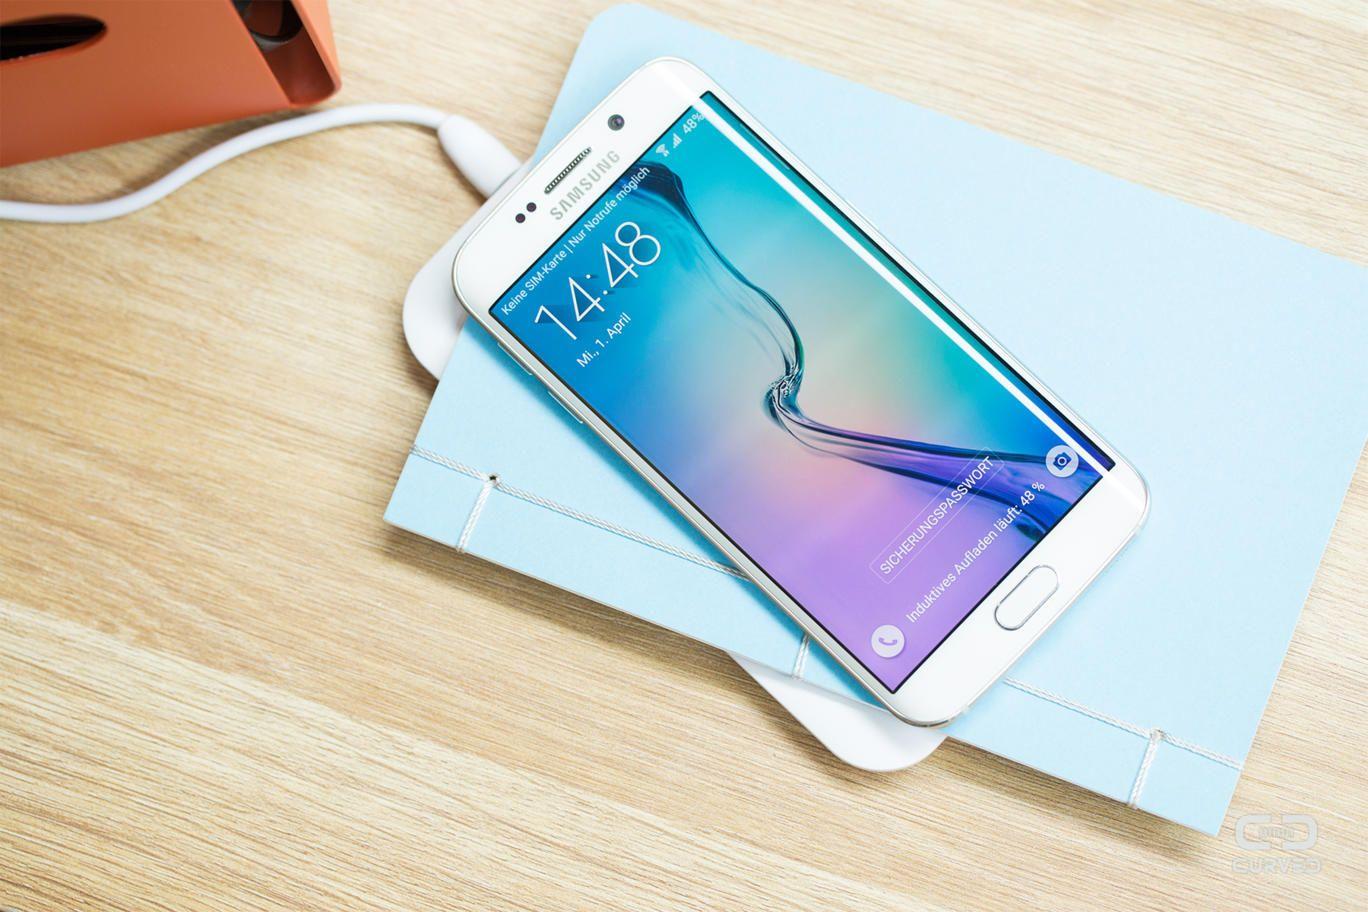 Fluxport Kabelloses Laden Fur Galaxy S6 Und Iphone 6 Iphone 6 Und Iphone